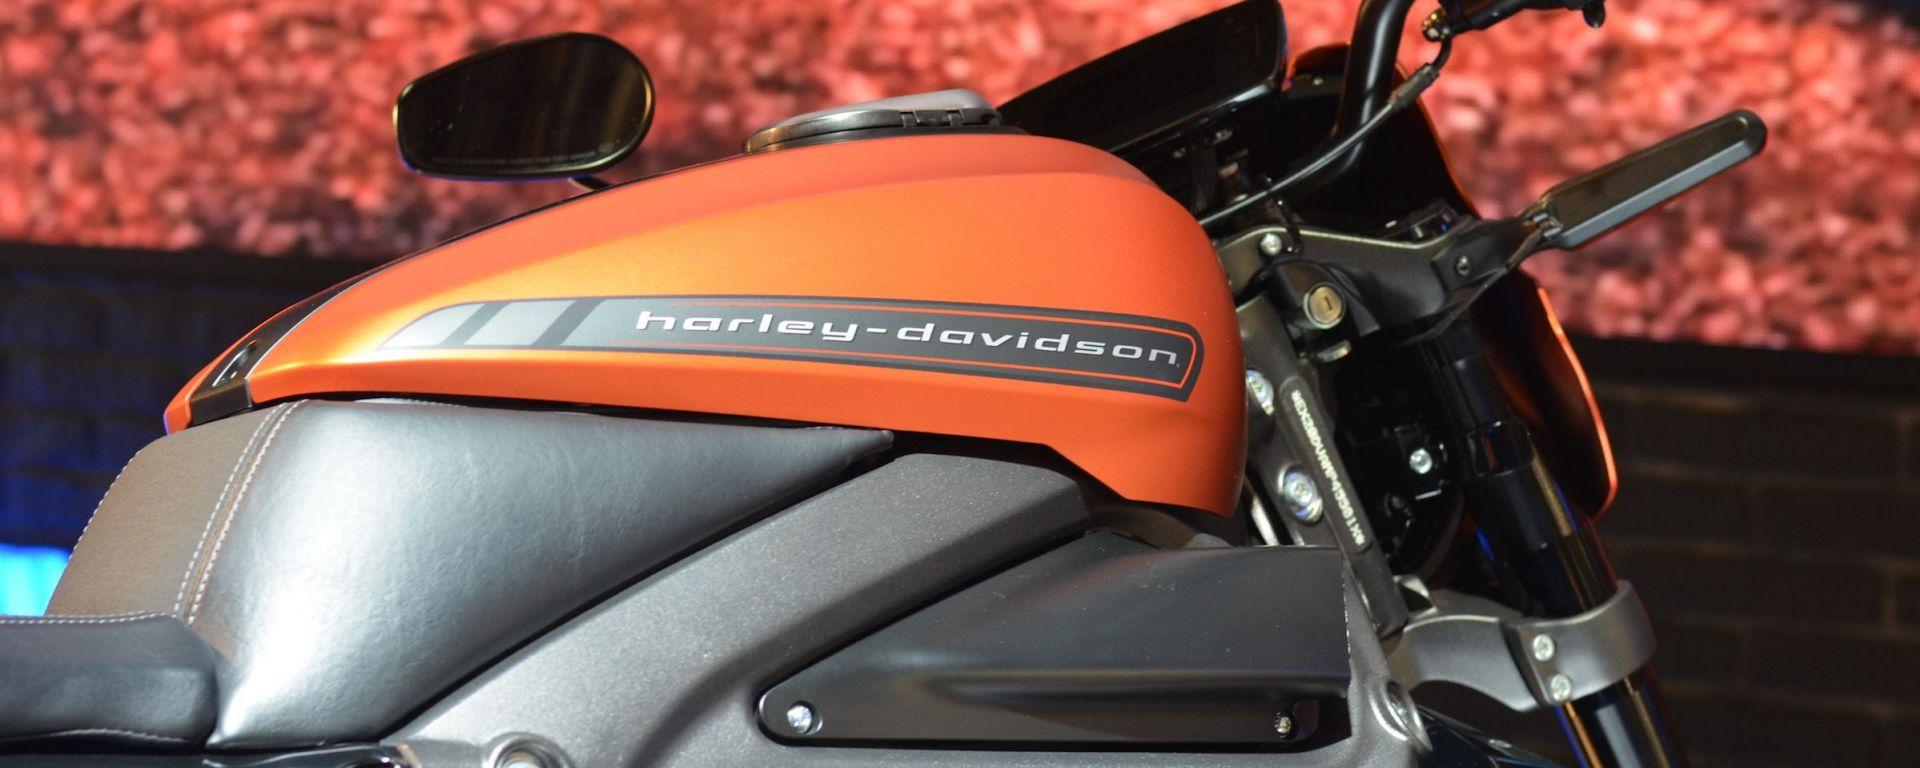 Harley-Davidson LiveWire: basterà la moto elettrica ad uscire dalla crisi?